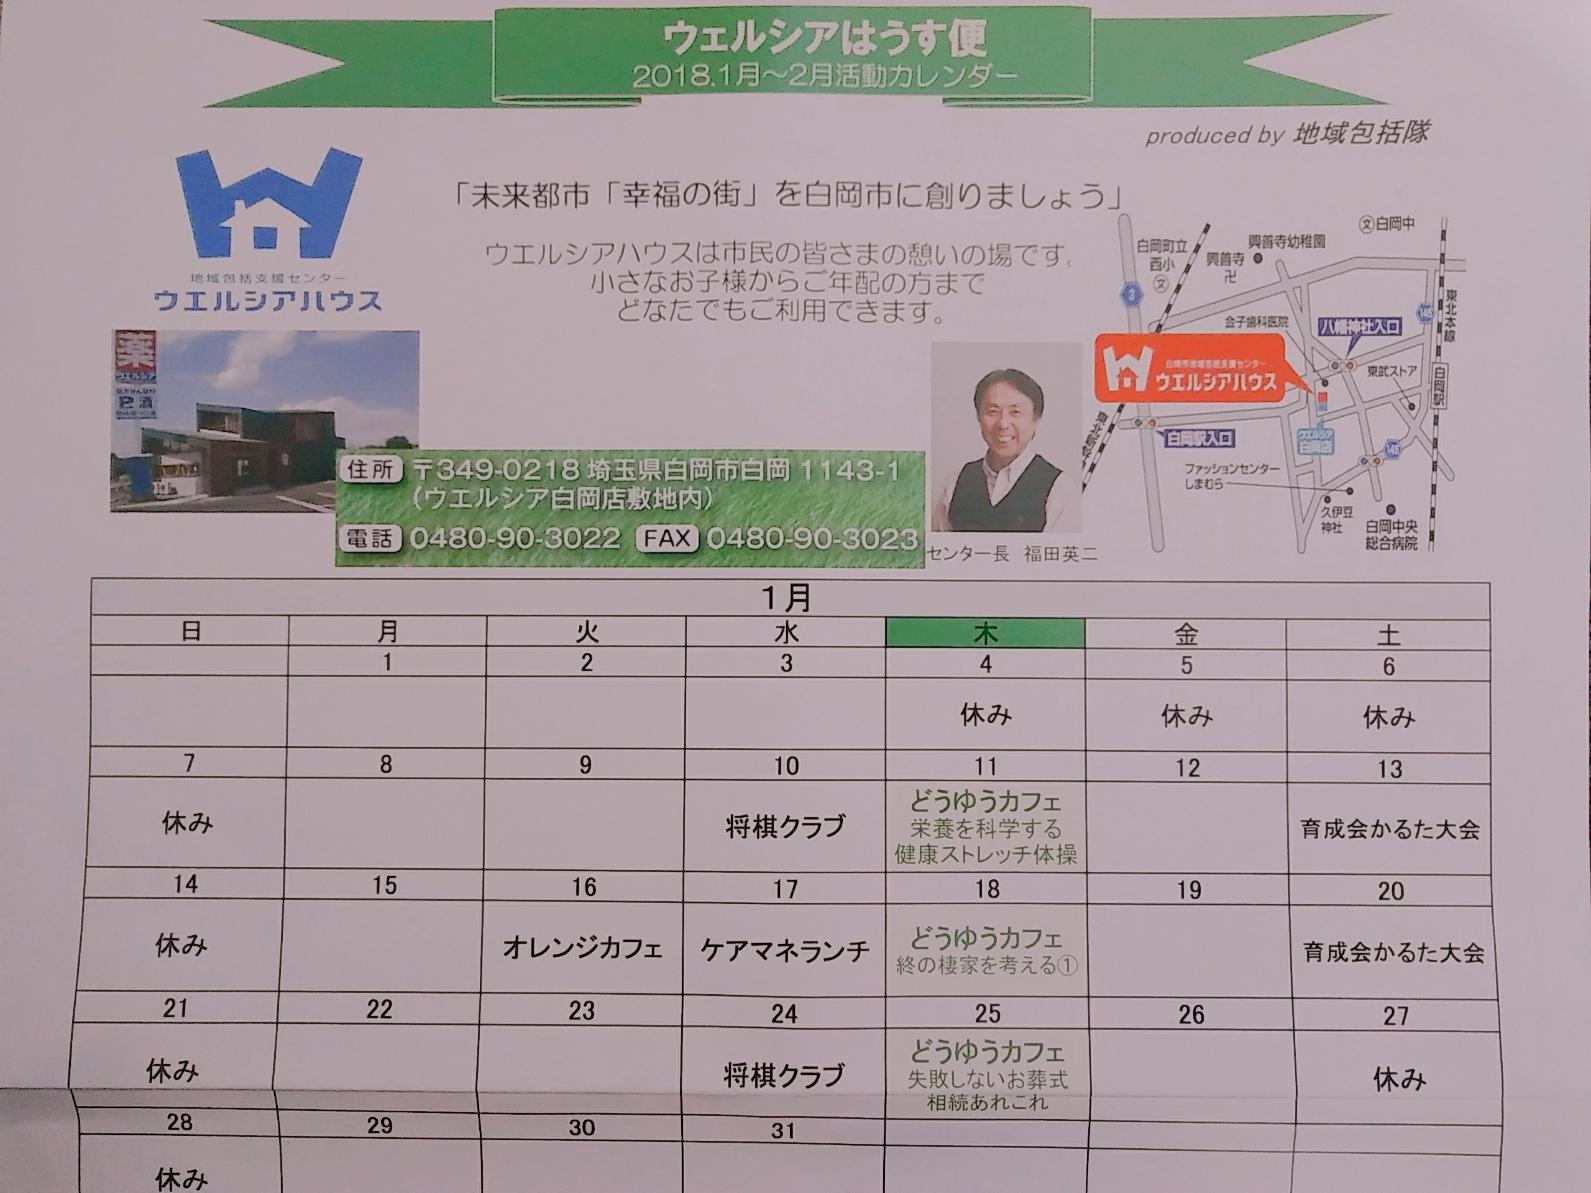 17-12-28-15-09-46-439_photo